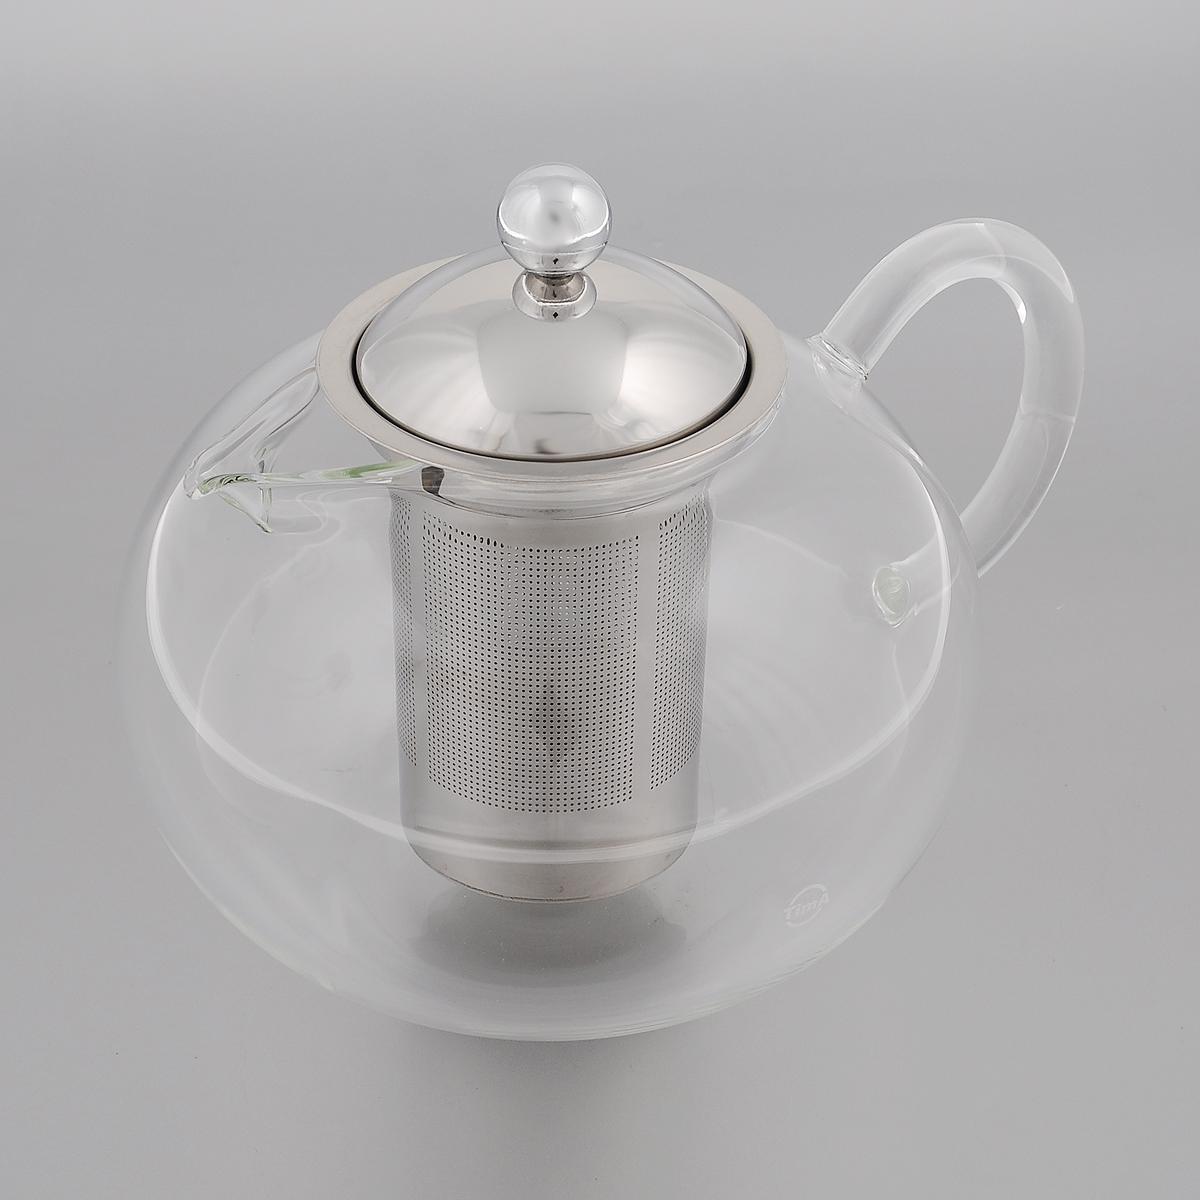 Чайник заварочный TimA Жасмин, 1,5 лTG-1500Заварочный чайник TimA Жасмин изготовлен из термостойкого боросиликатного стекла - прочного износостойкого материала. Чайник оснащен фильтром и крышкой из нержавеющей стали. Простой и удобный чайник поможет вам приготовить крепкий, ароматный чай. Дизайн изделия создает гипнотическую атмосферу через сочетание полупрозрачного цвета и хромированных элементов. Можно мыть в посудомоечной машине. Не использовать в микроволновой печи. Диаметр (по верхнему краю): 7,5 см. Высота (без учета крышки): 10,5 см. Высота фильтра: 10 см.